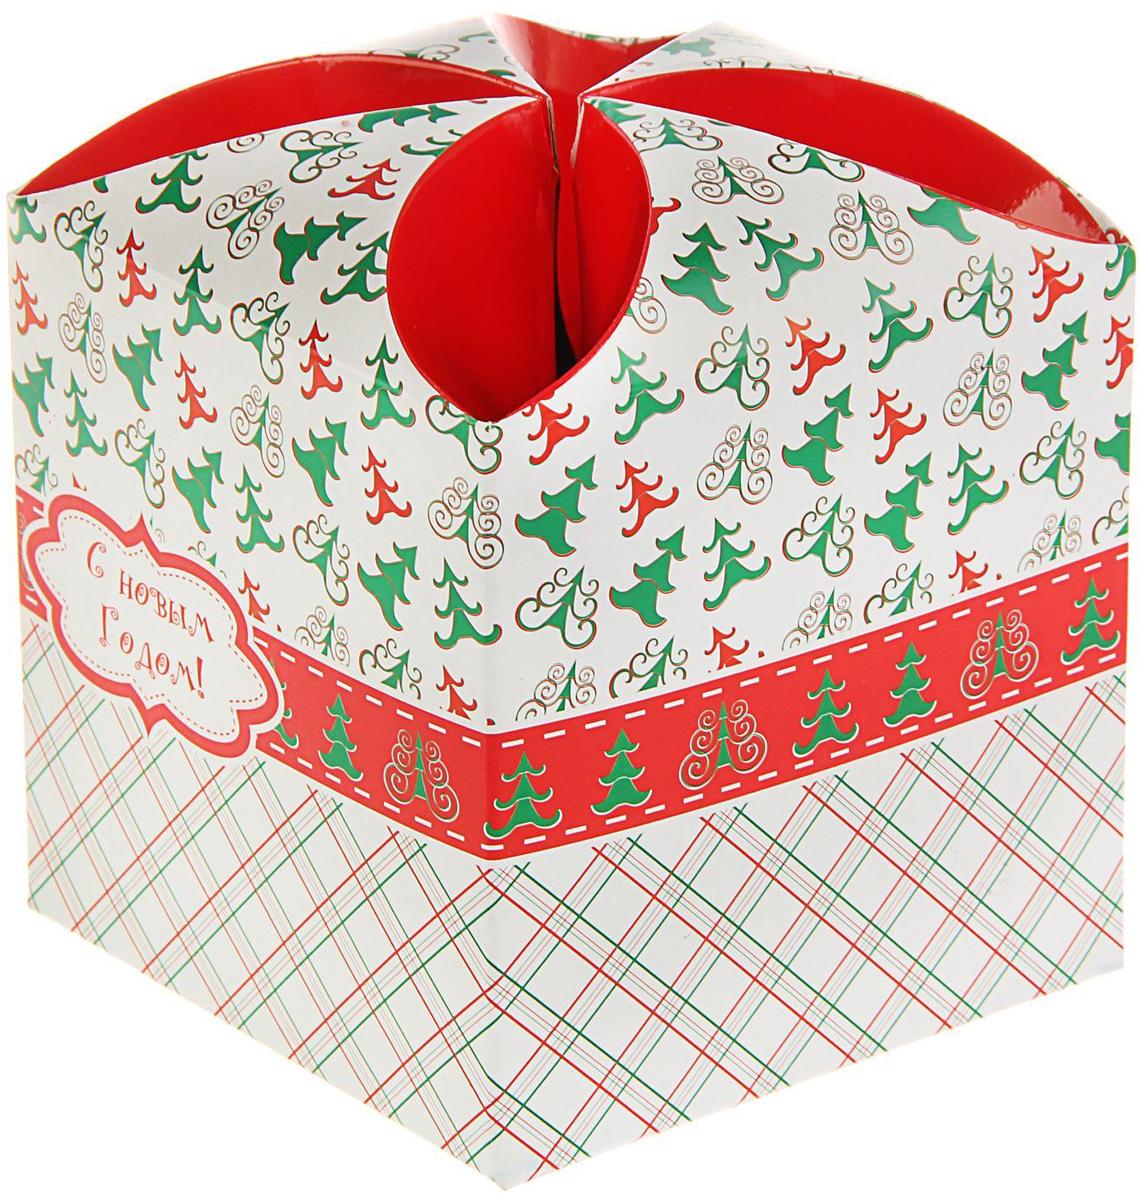 Подарочная коробка Sima-land Скатёрка, сборная, 9 х 9 х 9,5 см1689943Сделанная своими руками оригинальная упаковка выделит презент из массы других, расскажет о ваших тёплых чувствах, наполнит праздник сказочной атмосферой. Благодаря нашему набору для творчества сделать её не составит труда! Следуйте инструкции, и вы легко создадите яркую, привлекающую внимание коробочку.